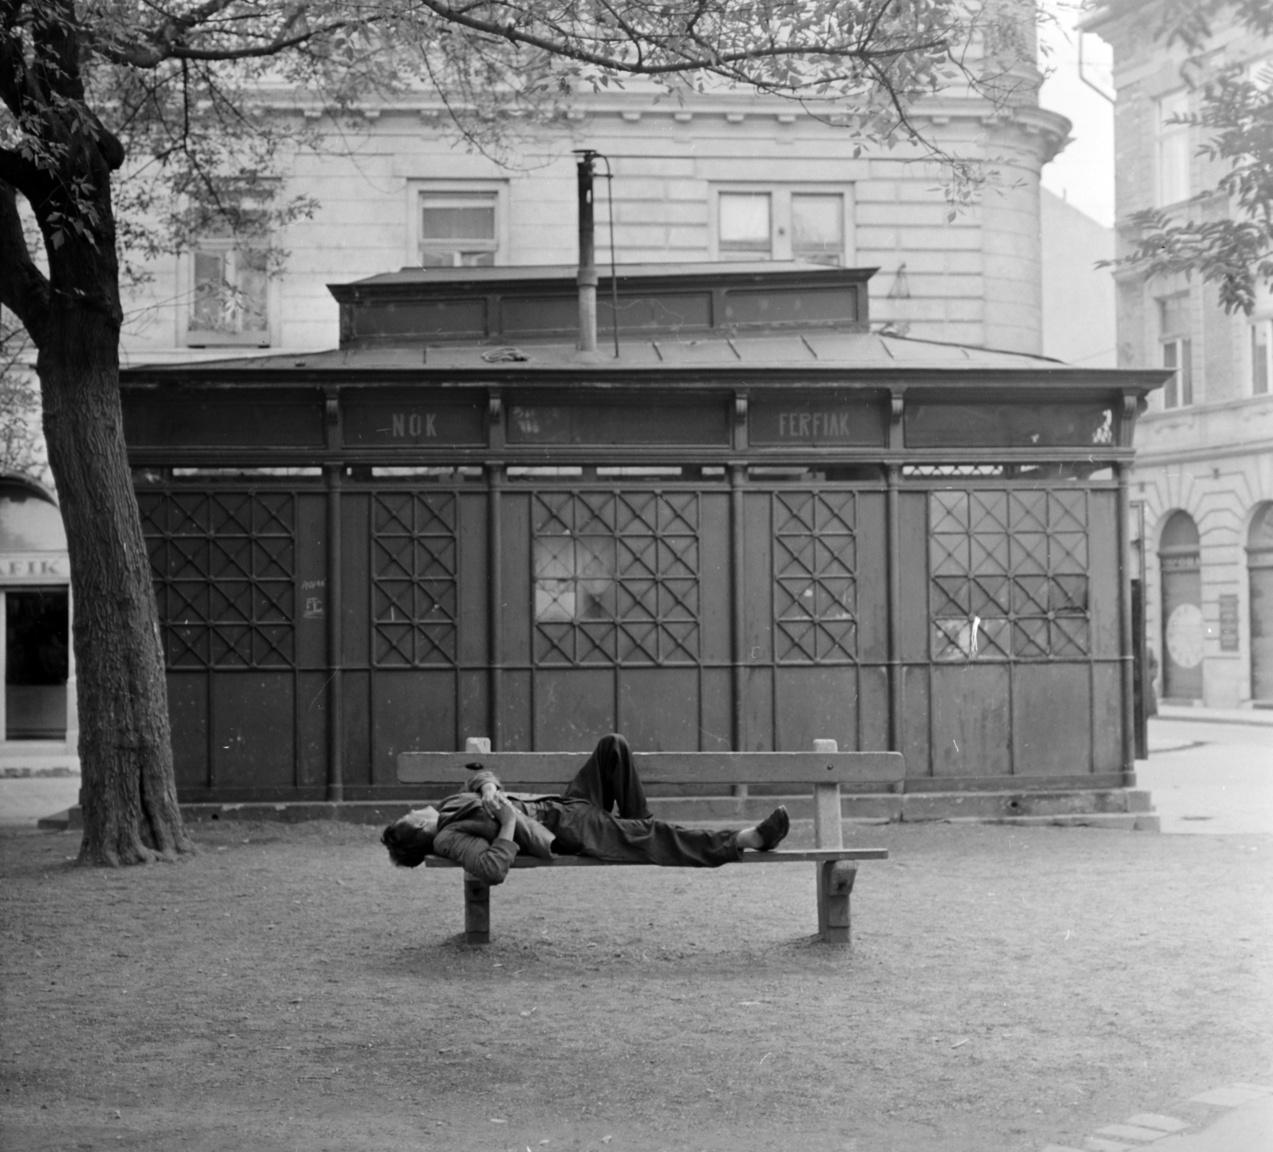 """Egy kis pihenés a budapesti Klauzál téren, 1964-ben. """"Miénk itt a tér, mert mi nőttünk itt fel / A ház is a miénk, mert mi viseljük el"""" – énekelte az LGT a Klauzál térről, ahol a Vili, a veréb is játszódik."""